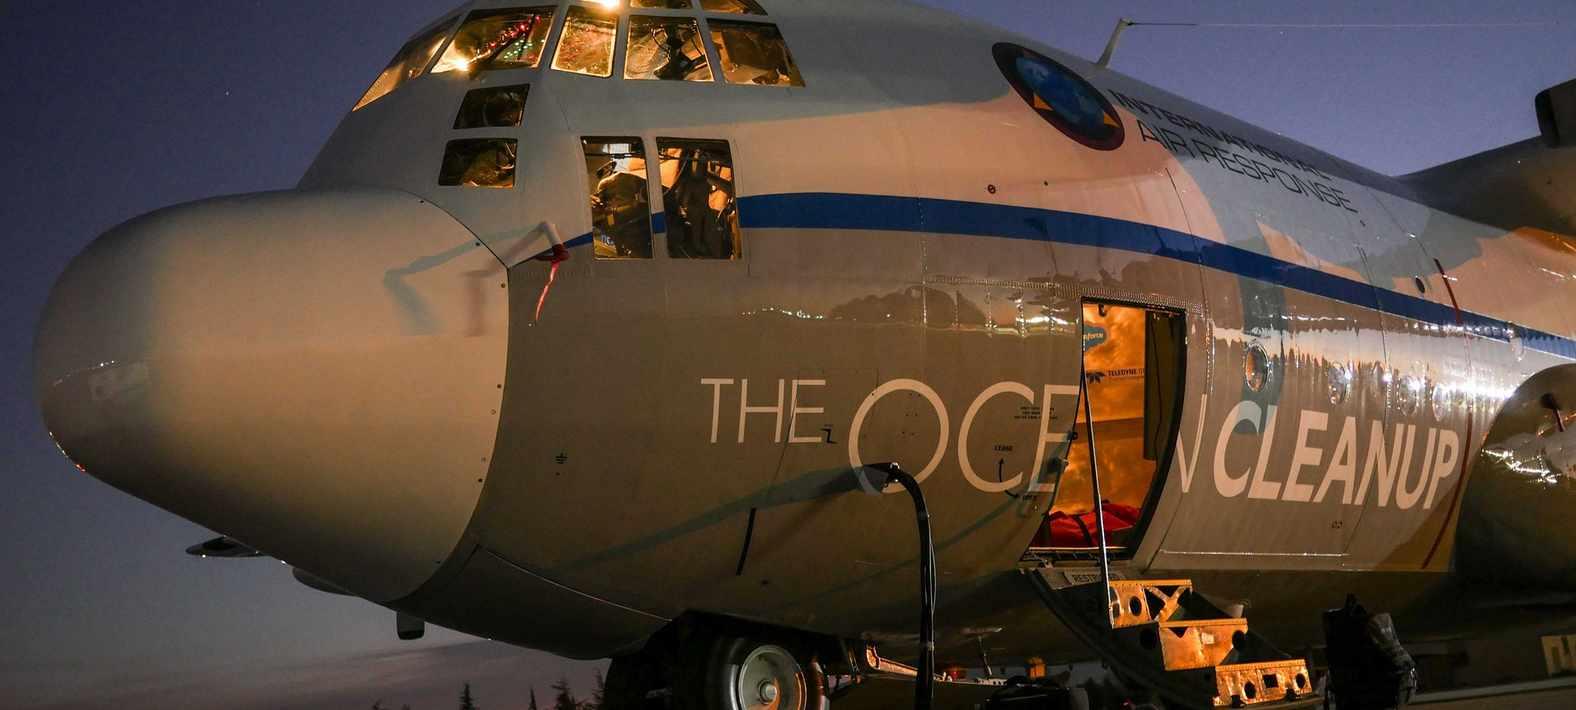 Ezzel a repülővel fotózta és derítette fel Boyan a gigantikus csendes-óceáni szemétszigetet (fotó: theoceancleanup.com)